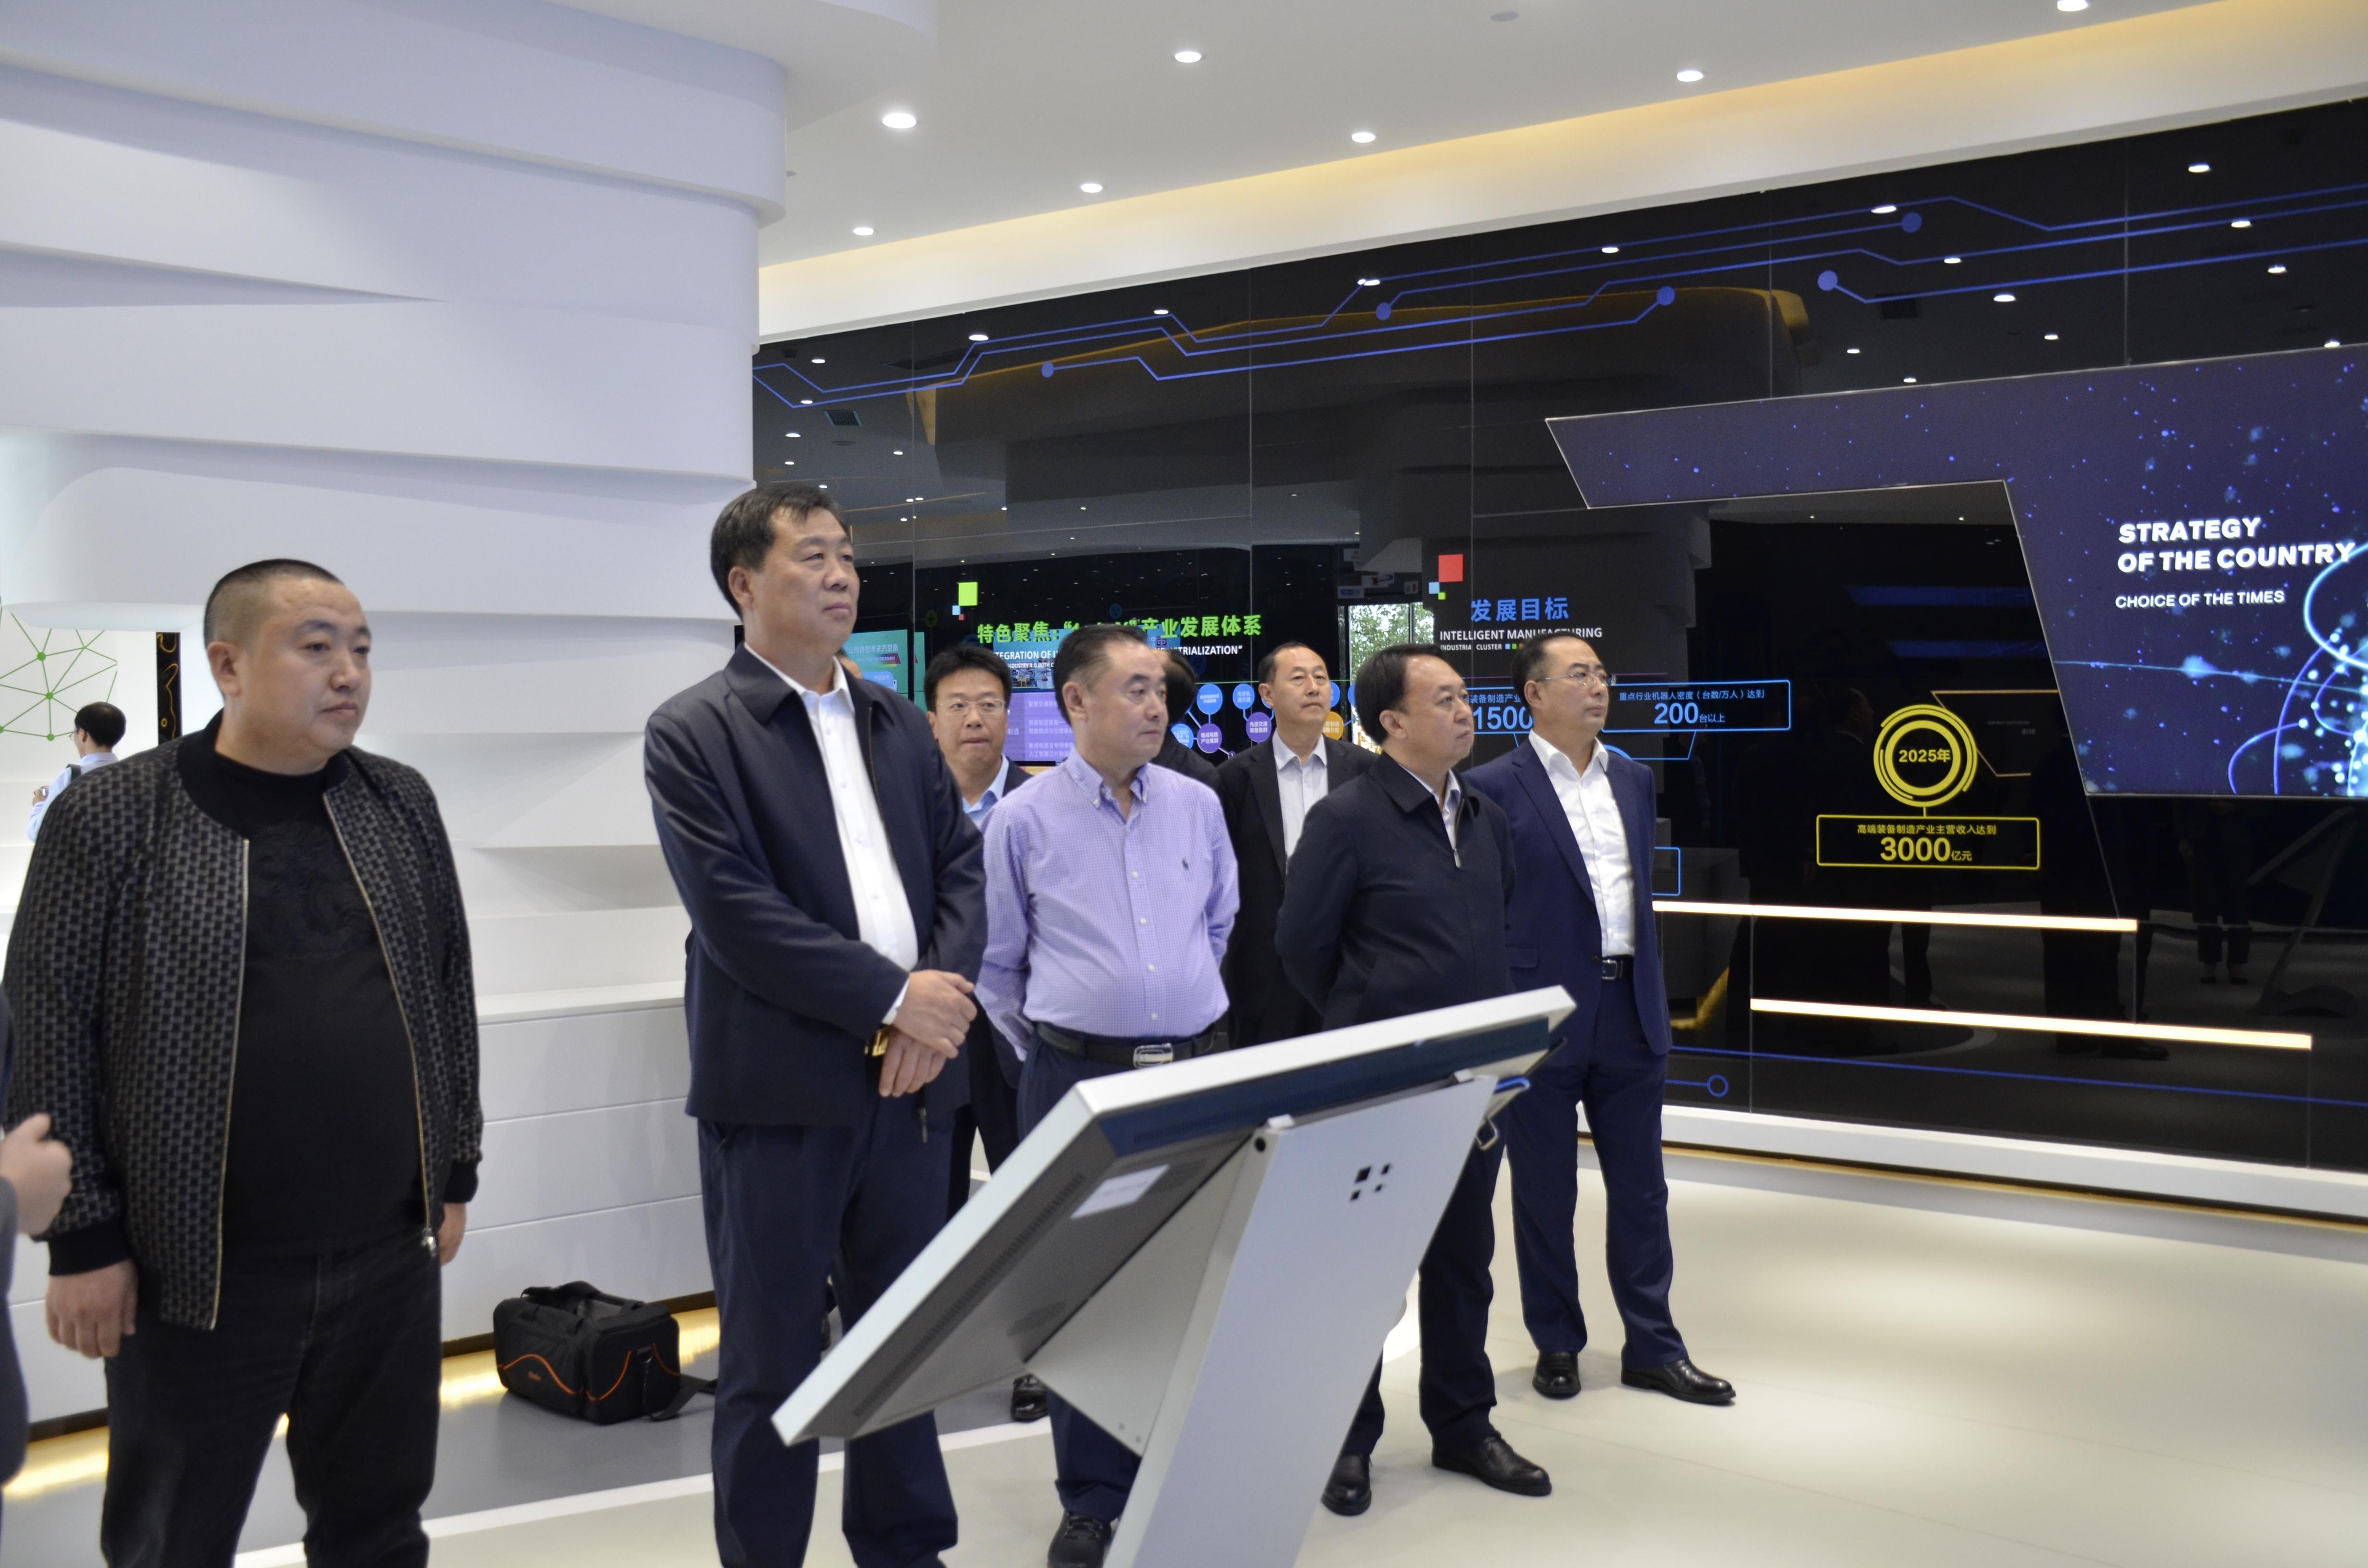 平鲁区在南京举办农业项目对接活动